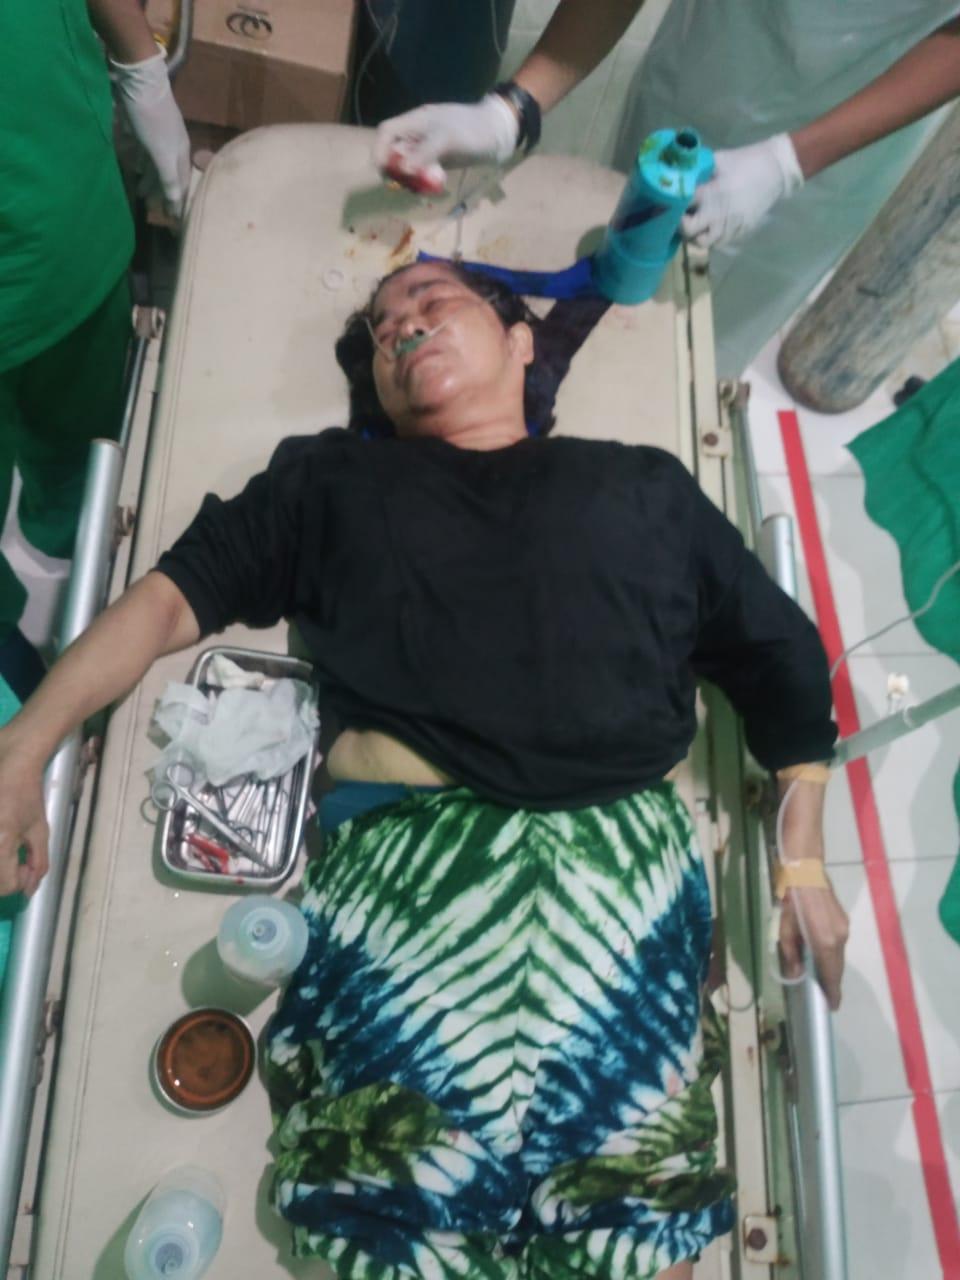 Korban kecelakaan saat dirawat di rumah sakit